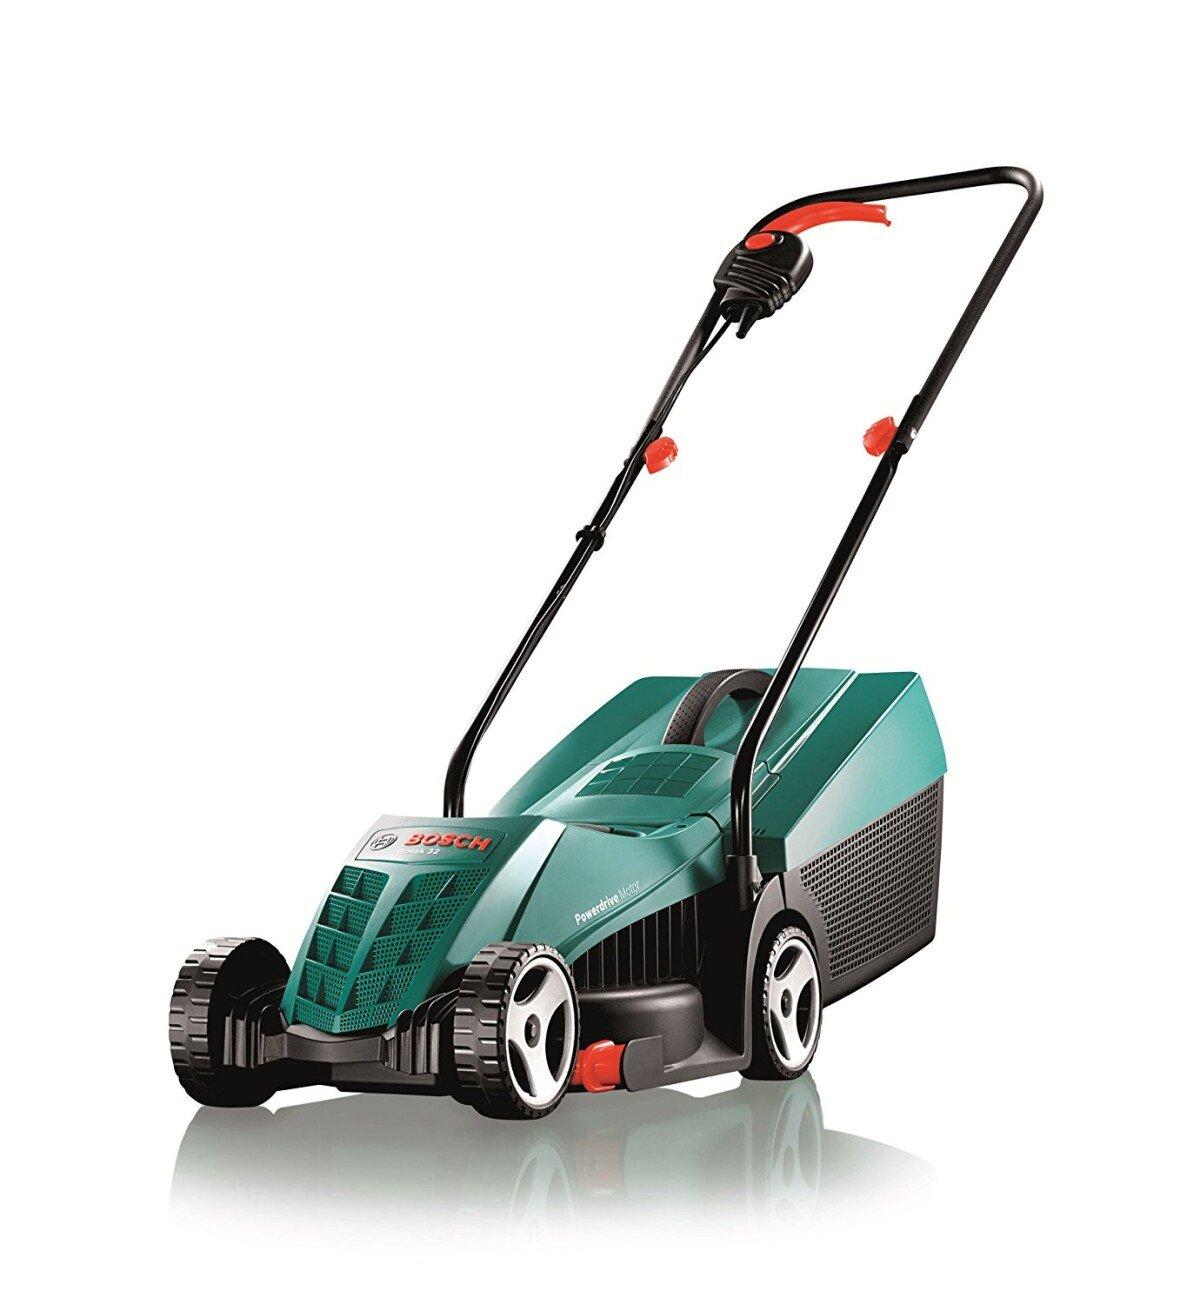 Bosch Rotak 32 R 240V 1100W 32cm Lawn Mower £84.97 delivered @ Lawson HIS